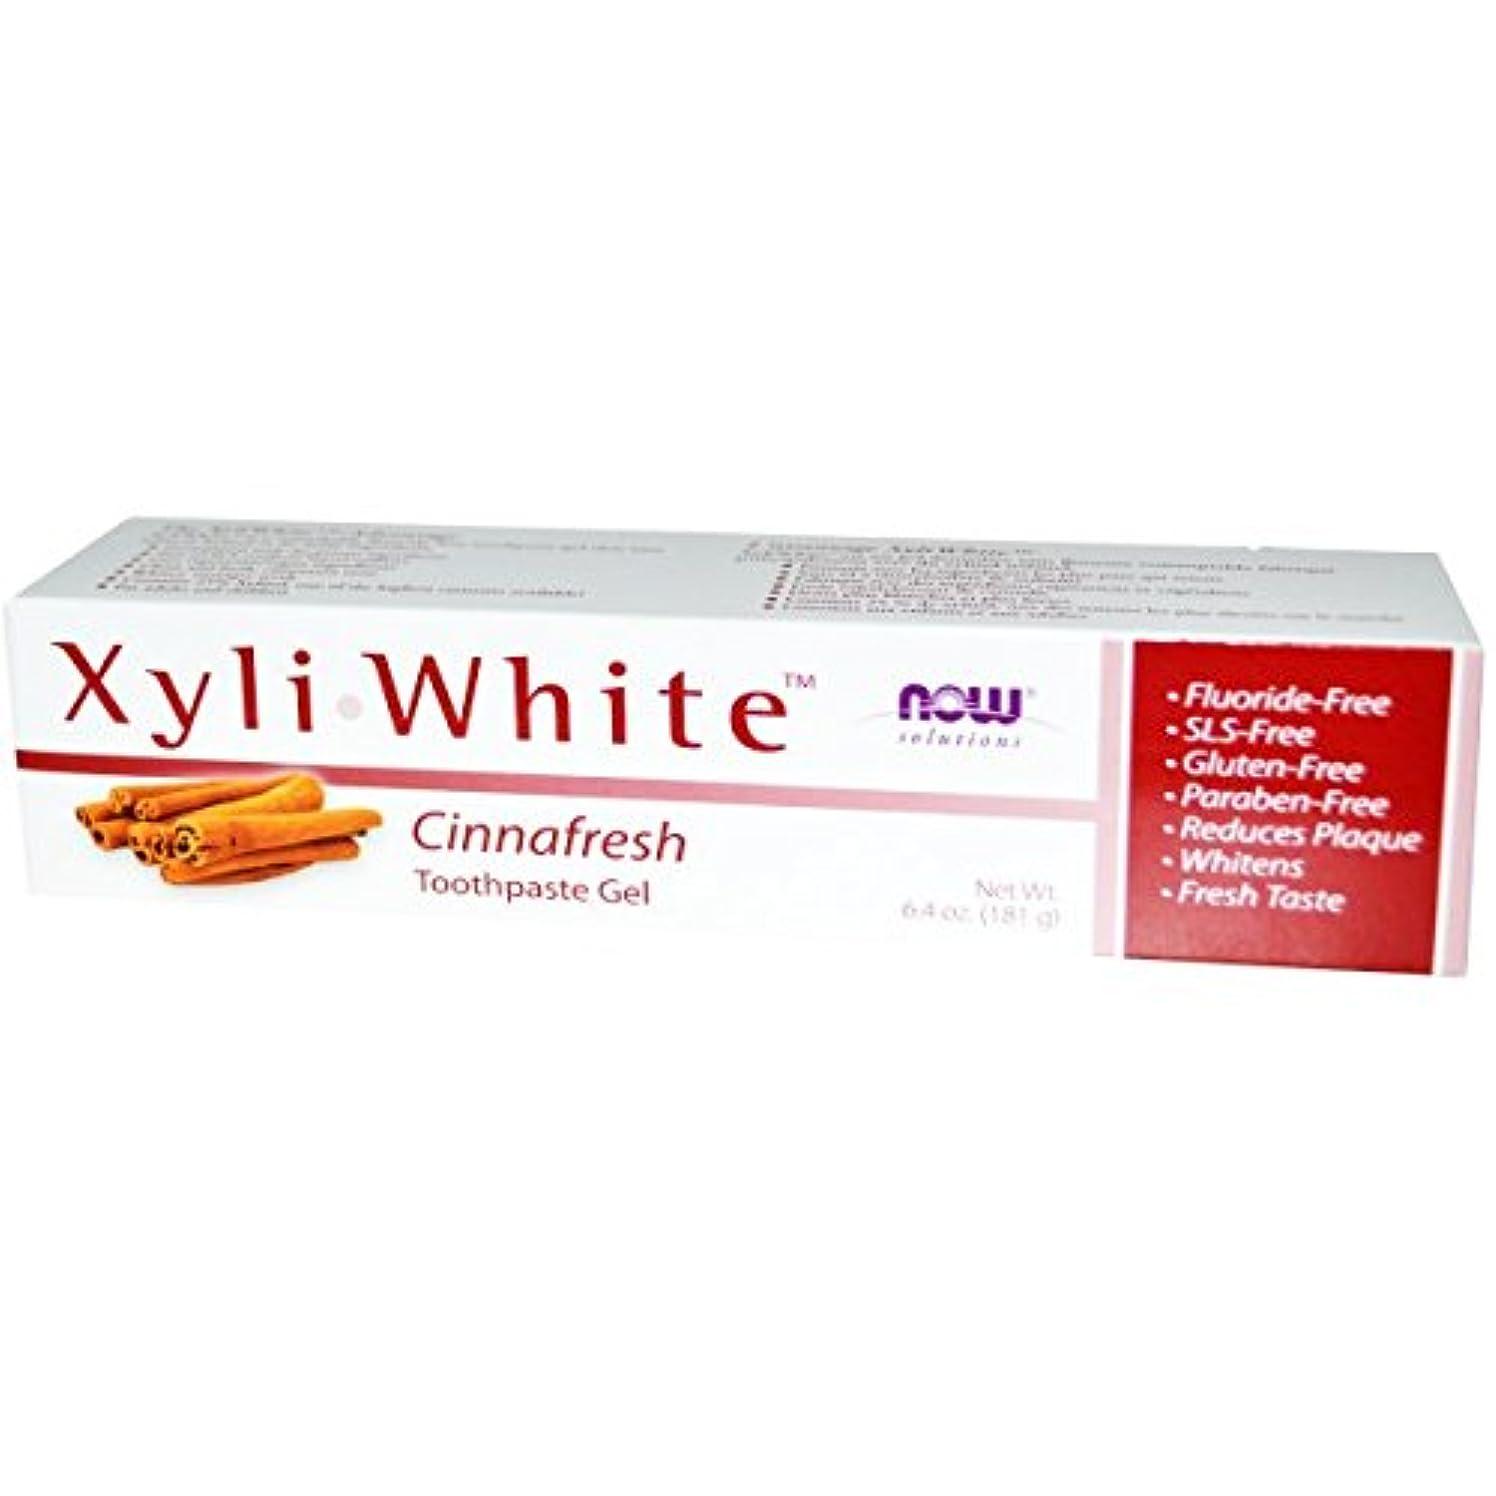 何でもベース部分的に[海外直送品] ナウフーズ(Now Foods) キシリホワイト トゥースペースト(シナフレッシュ) 181g